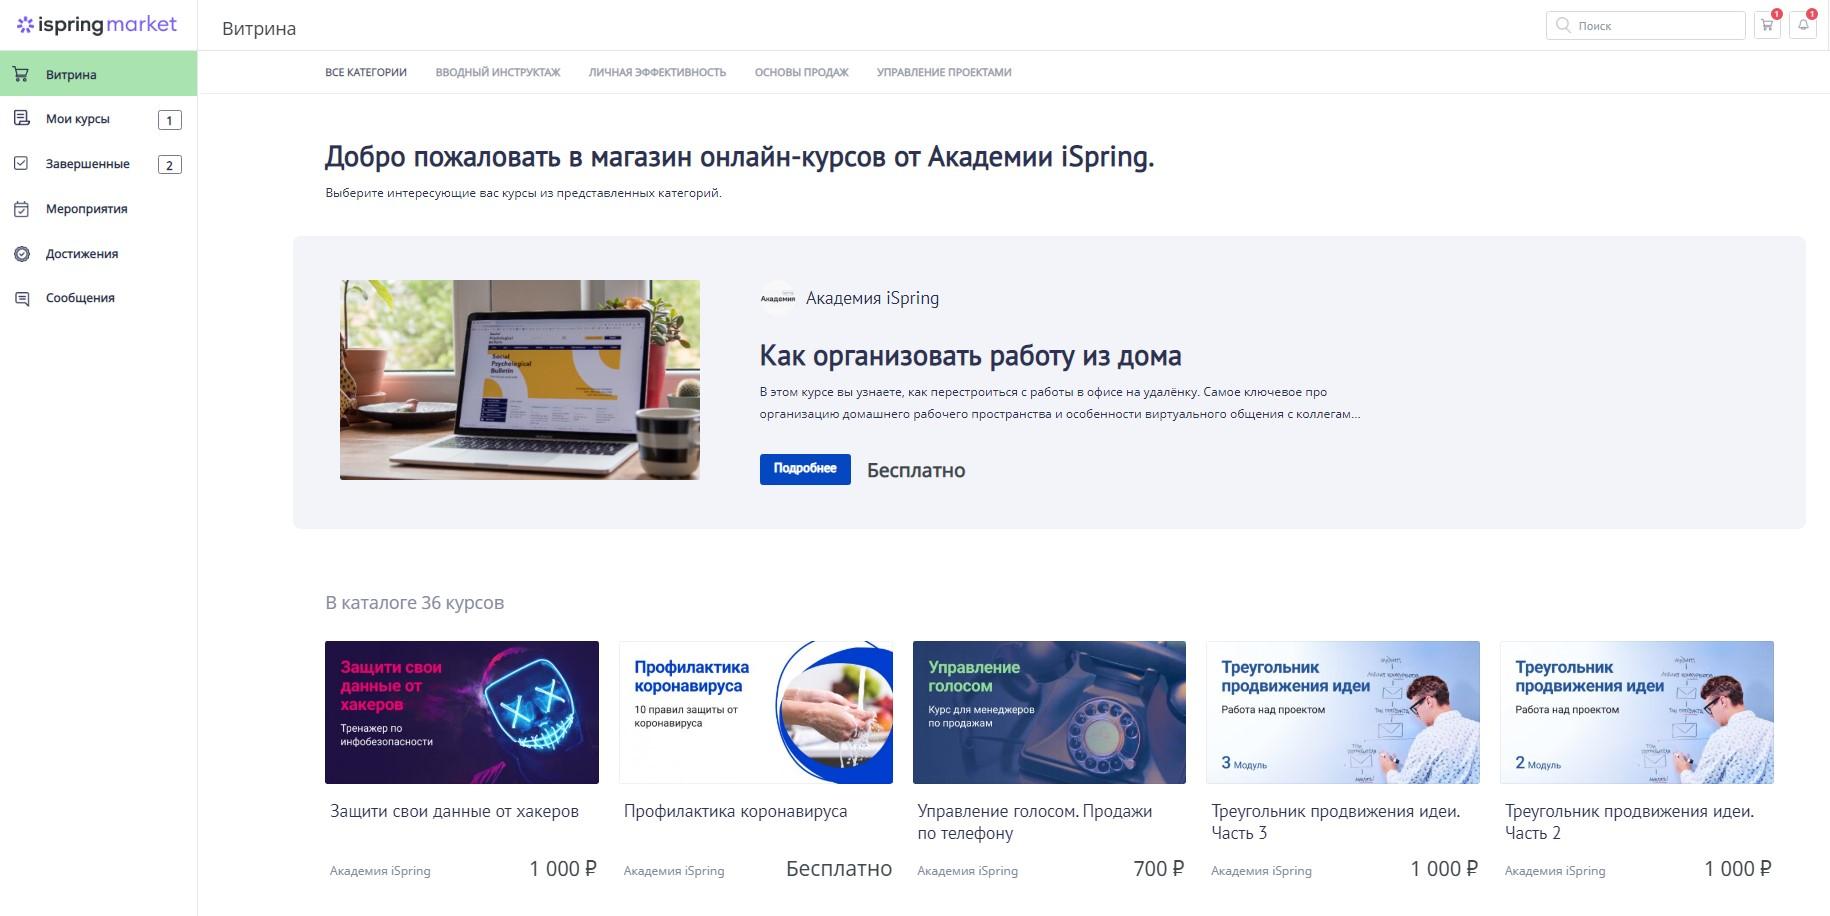 Витрина учебных онлайн-курсов в сервисе дистанционного обучения iSpring Market (ранее Flora LMS)